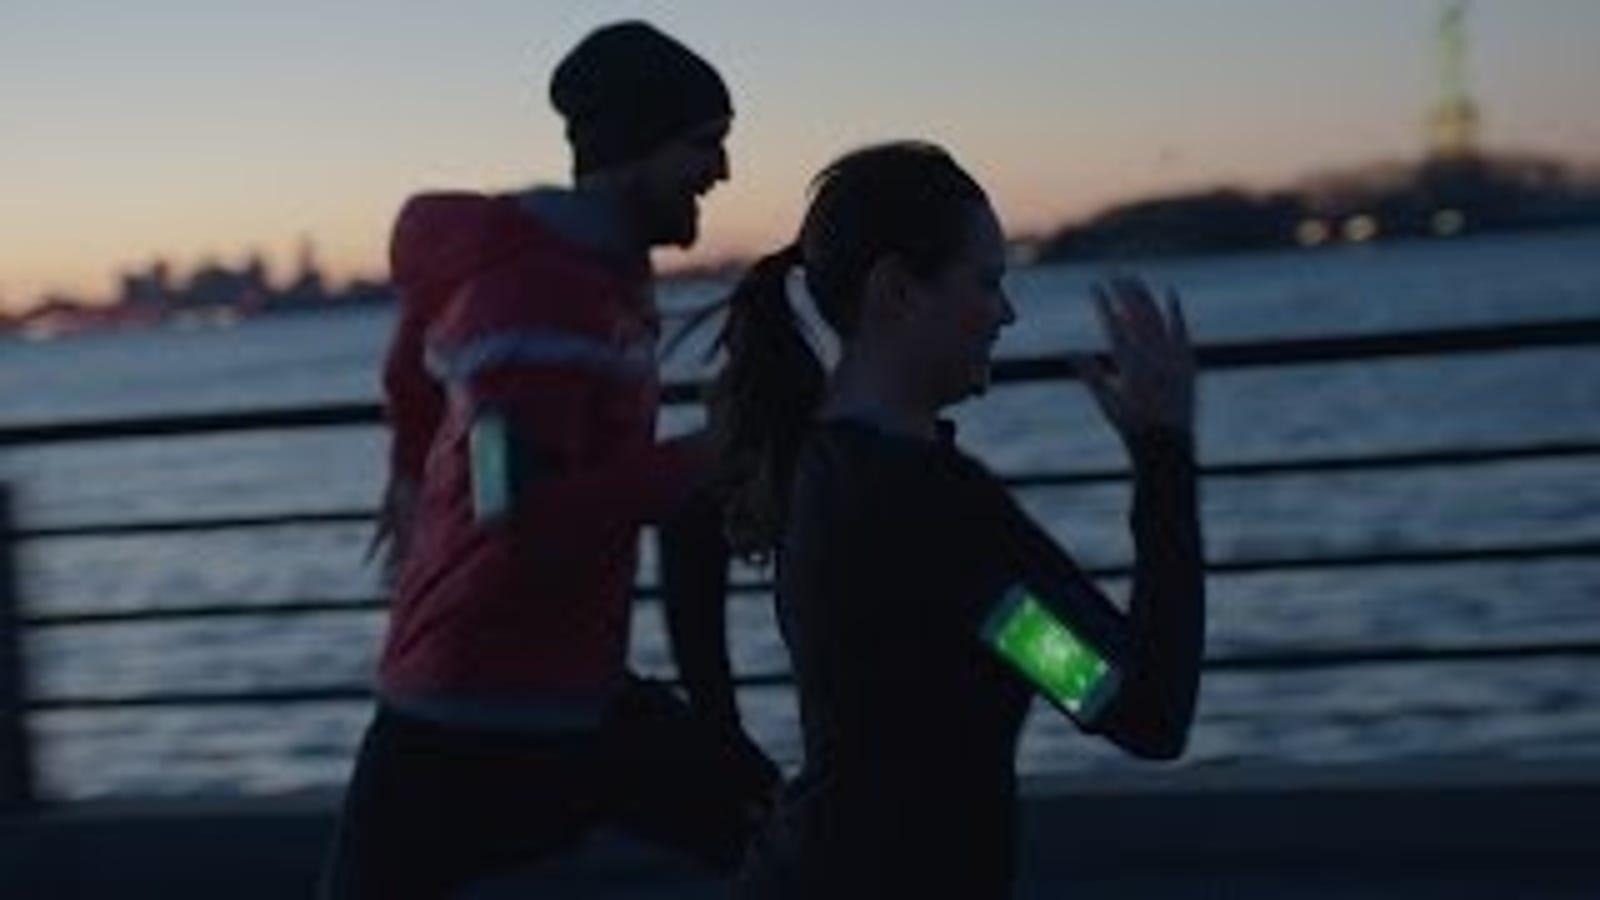 El nuevo anuncio del iPhone 5s confirma el objetivo de Apple: tu salud